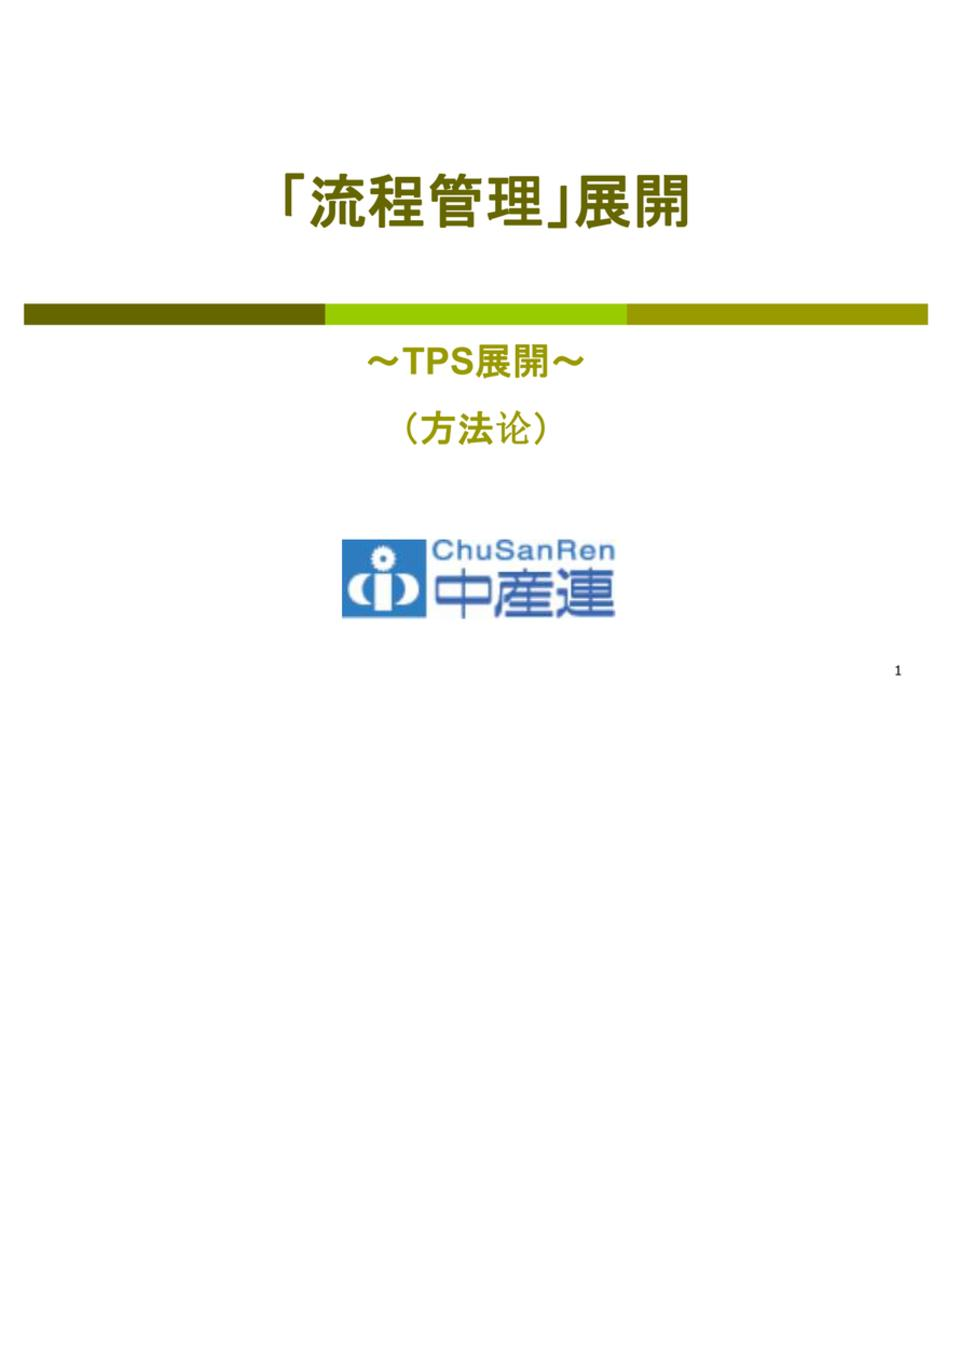 丰田流程管理